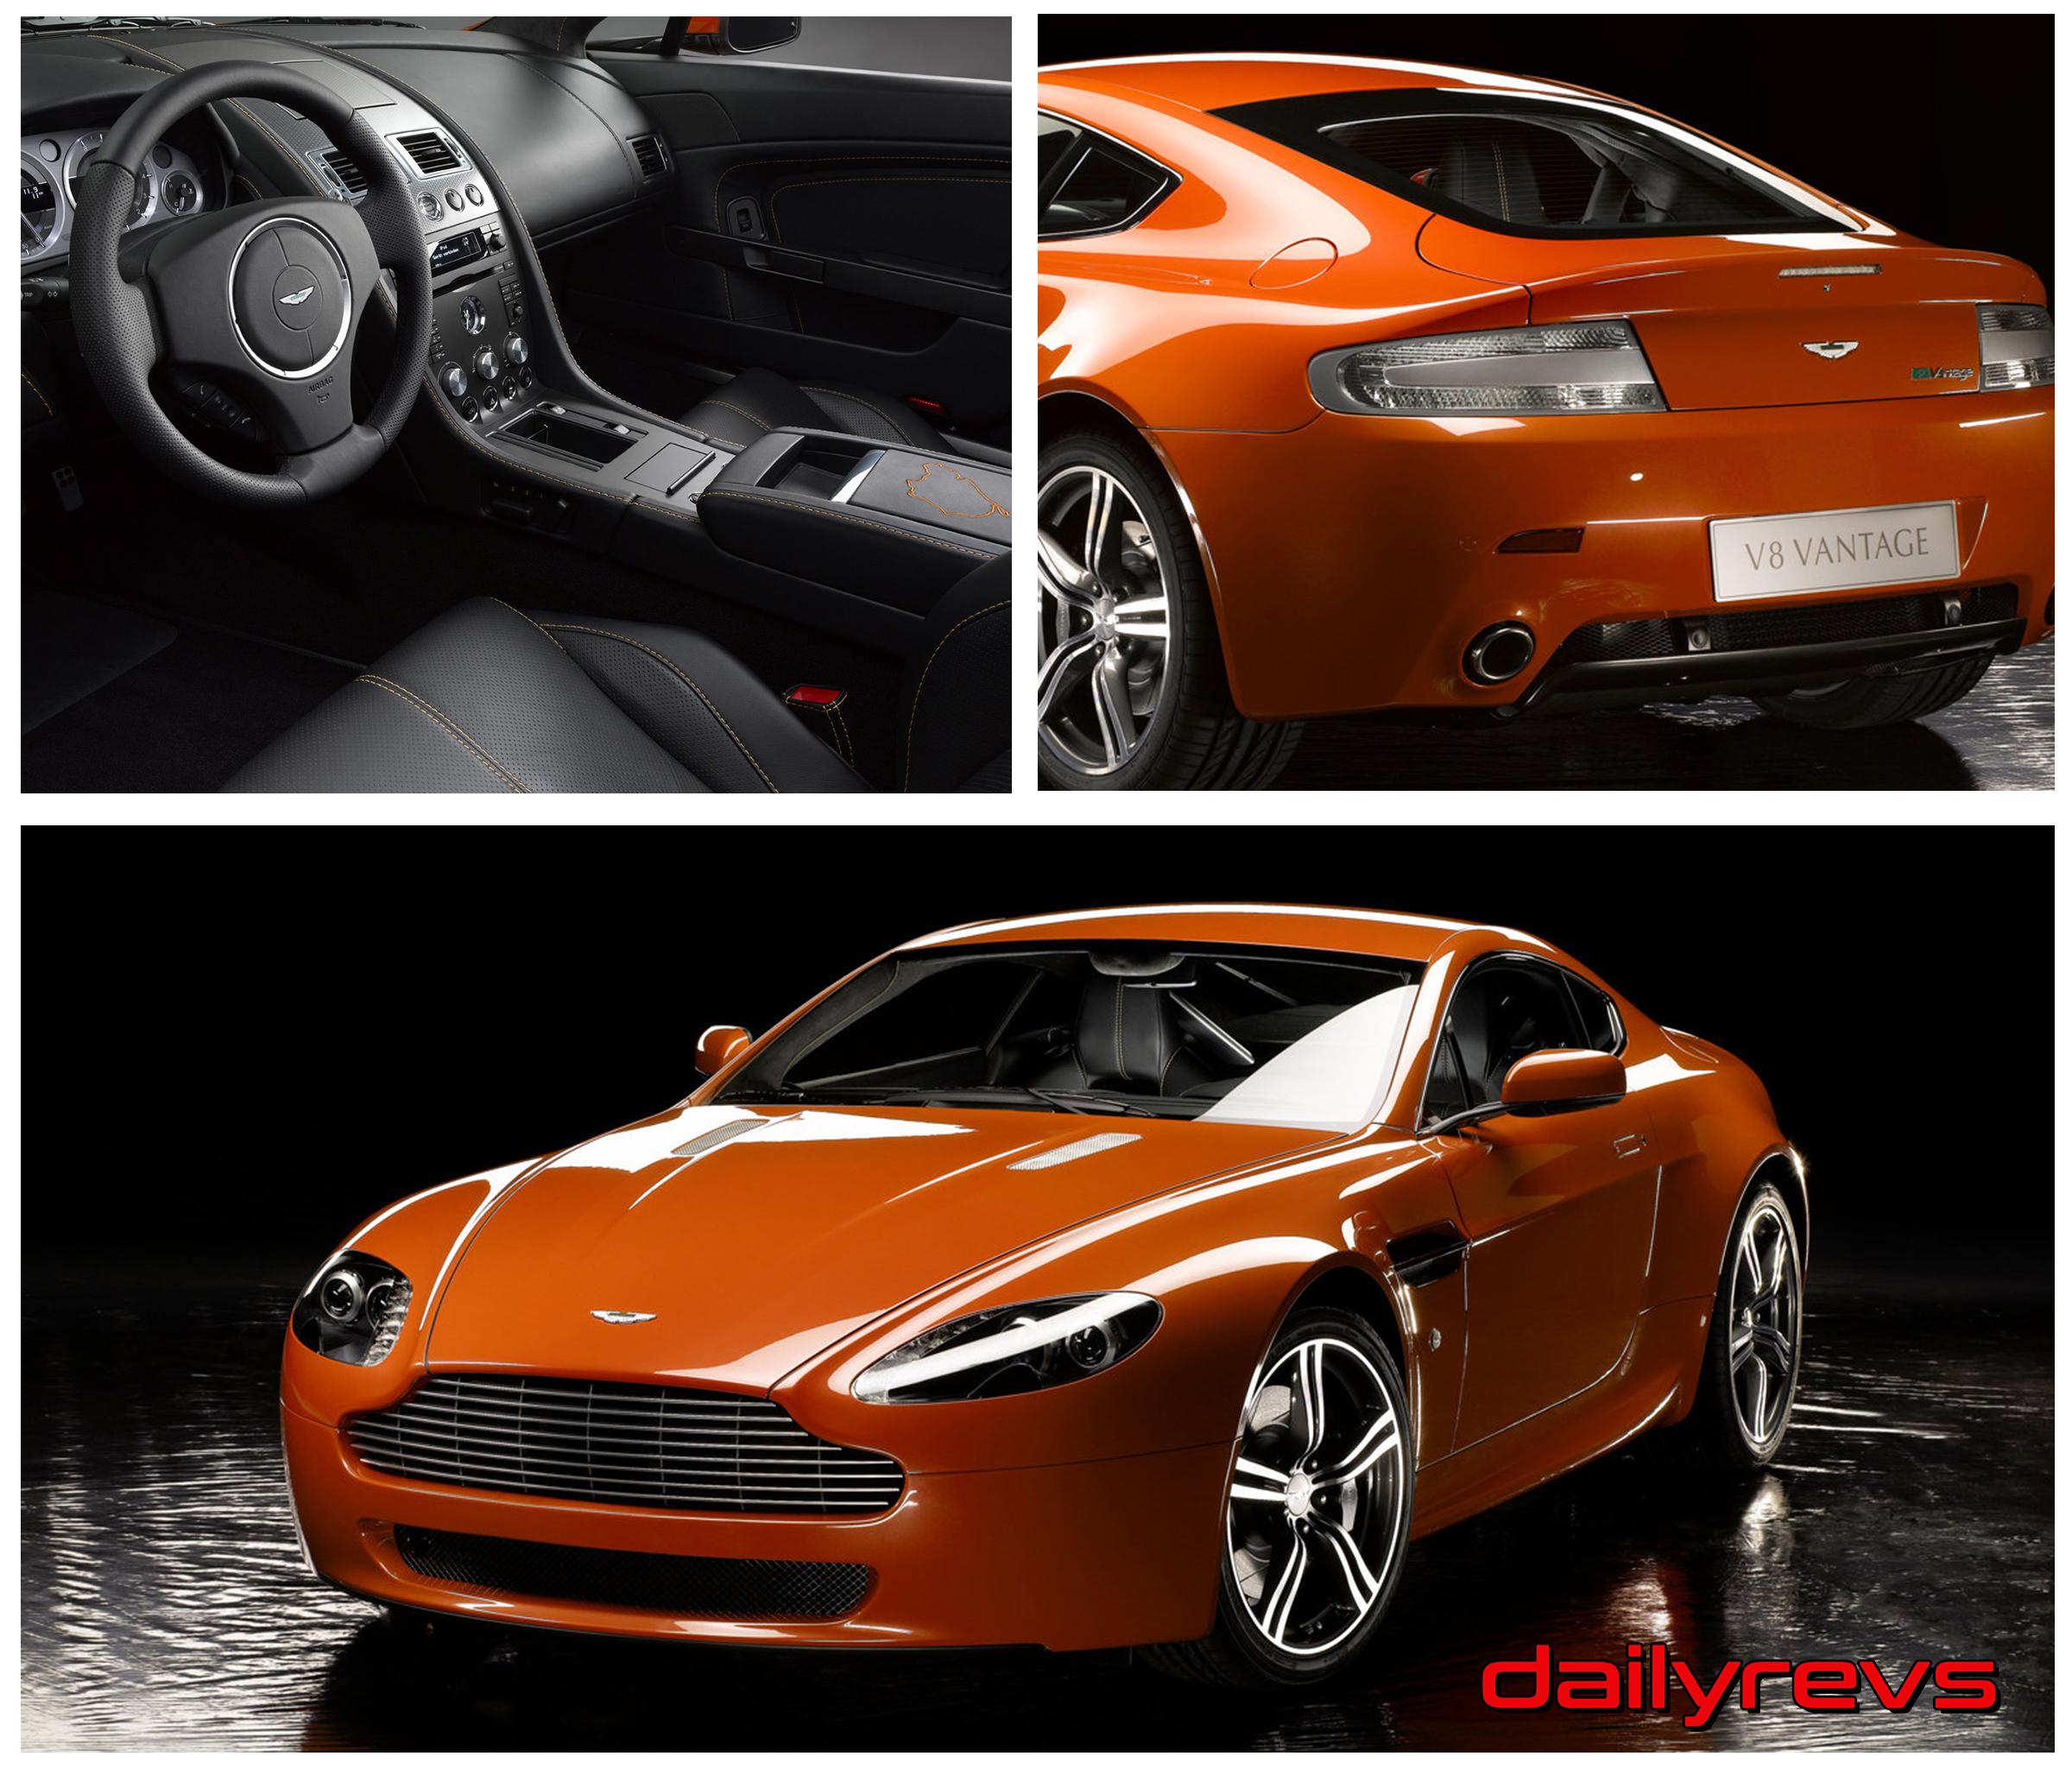 2008 Aston Martin V8 Vantage N400 Dailyrevs